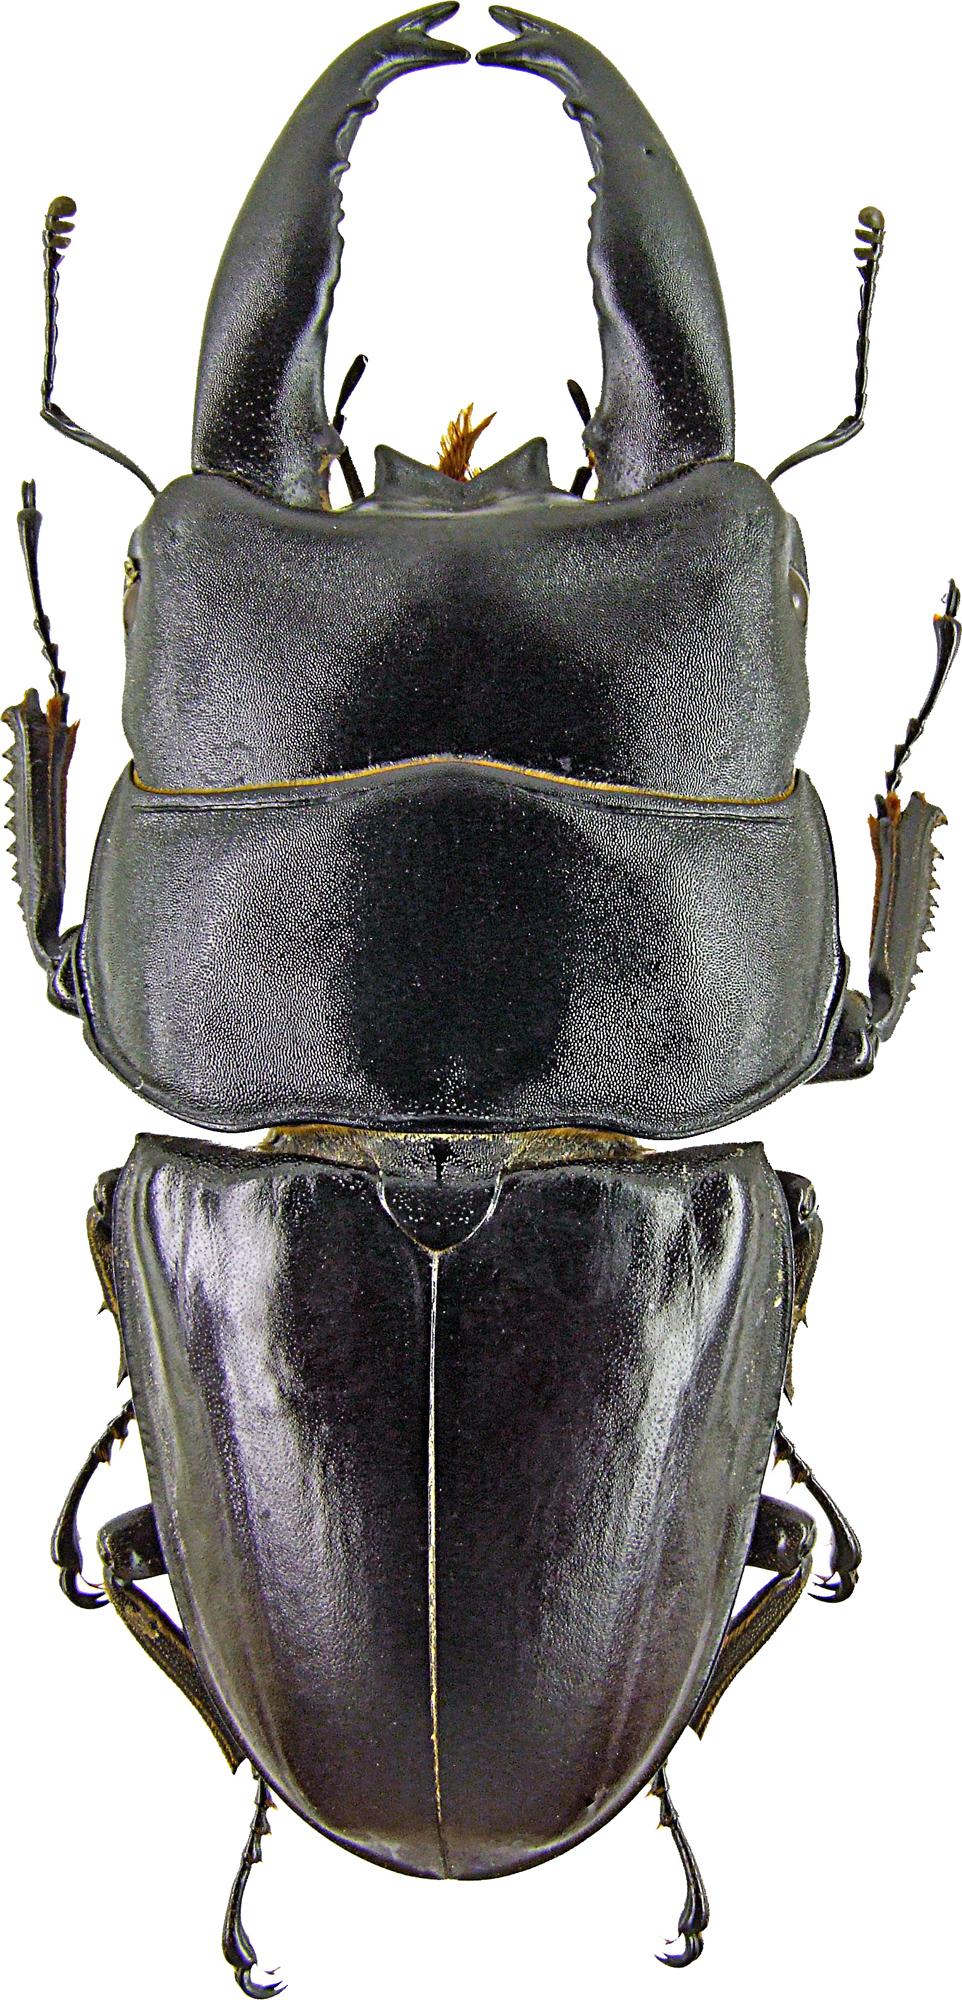 Serrognathus (Brontodorcus) alcides1367.jpg